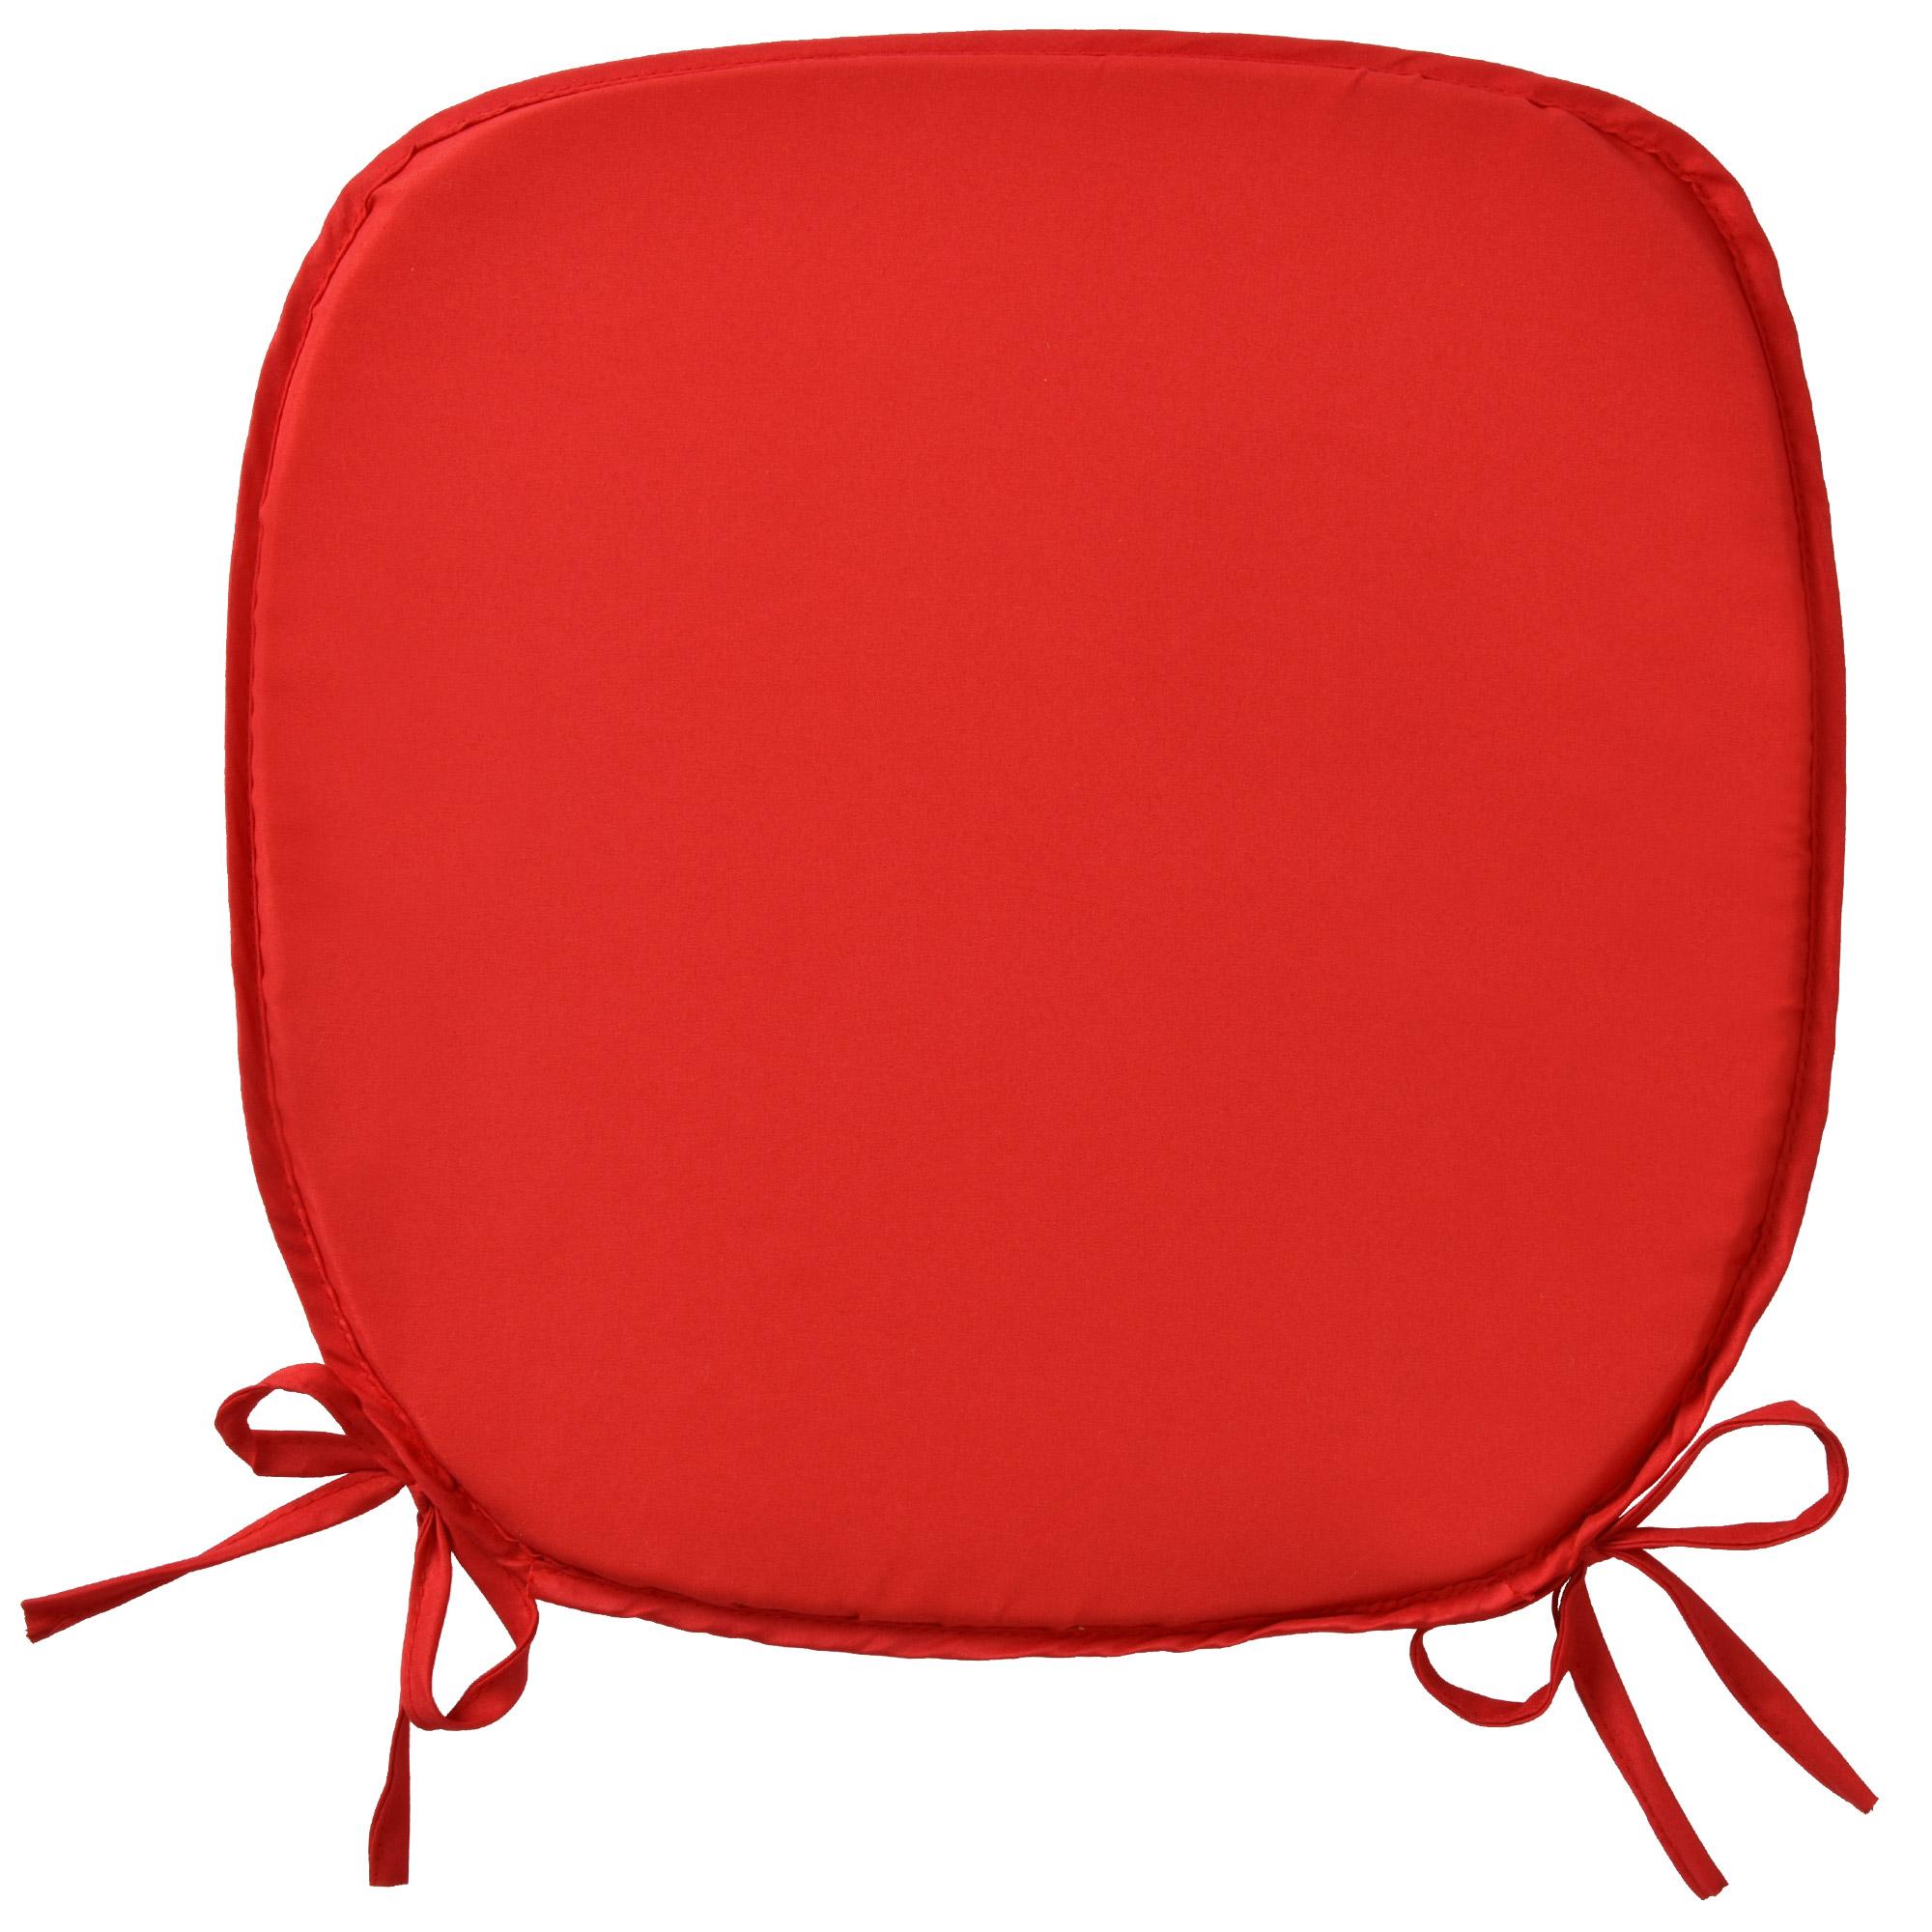 sitzkissen lara 38x38cm rot kaufen. Black Bedroom Furniture Sets. Home Design Ideas